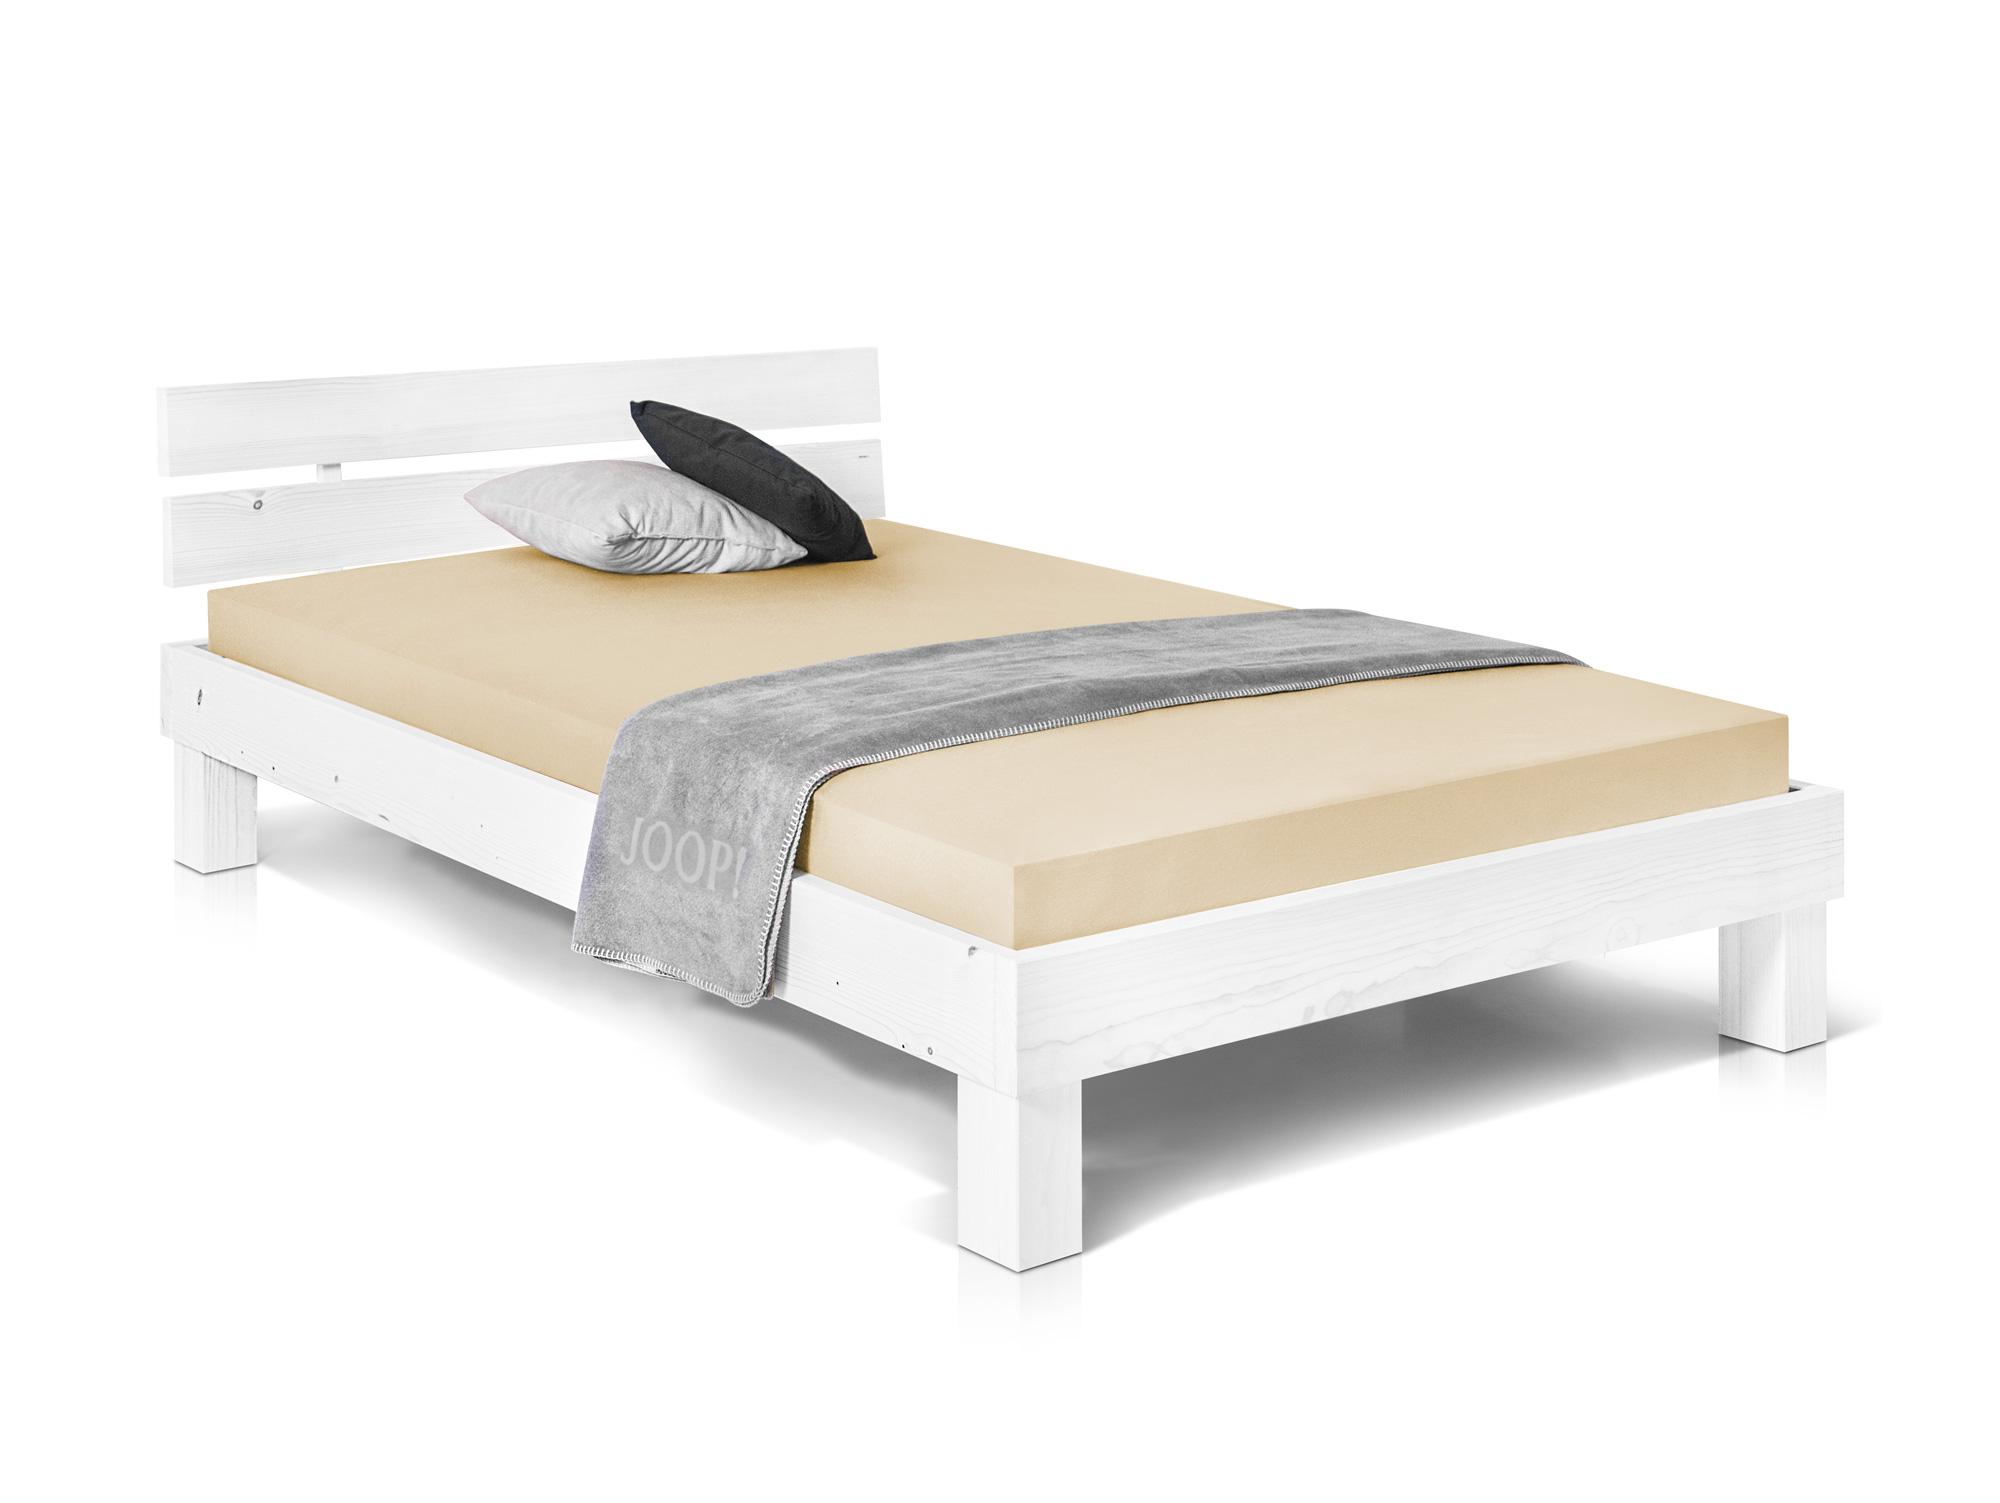 Full Size of Pumba Singlebett Bett Futonbett 140x200 Fichte Massiv Wei Weiss Betten Test Weißes Schlafzimmer Somnus 160x200 Hasena Tagesdecken Für München Musterring Bett Weiße Betten